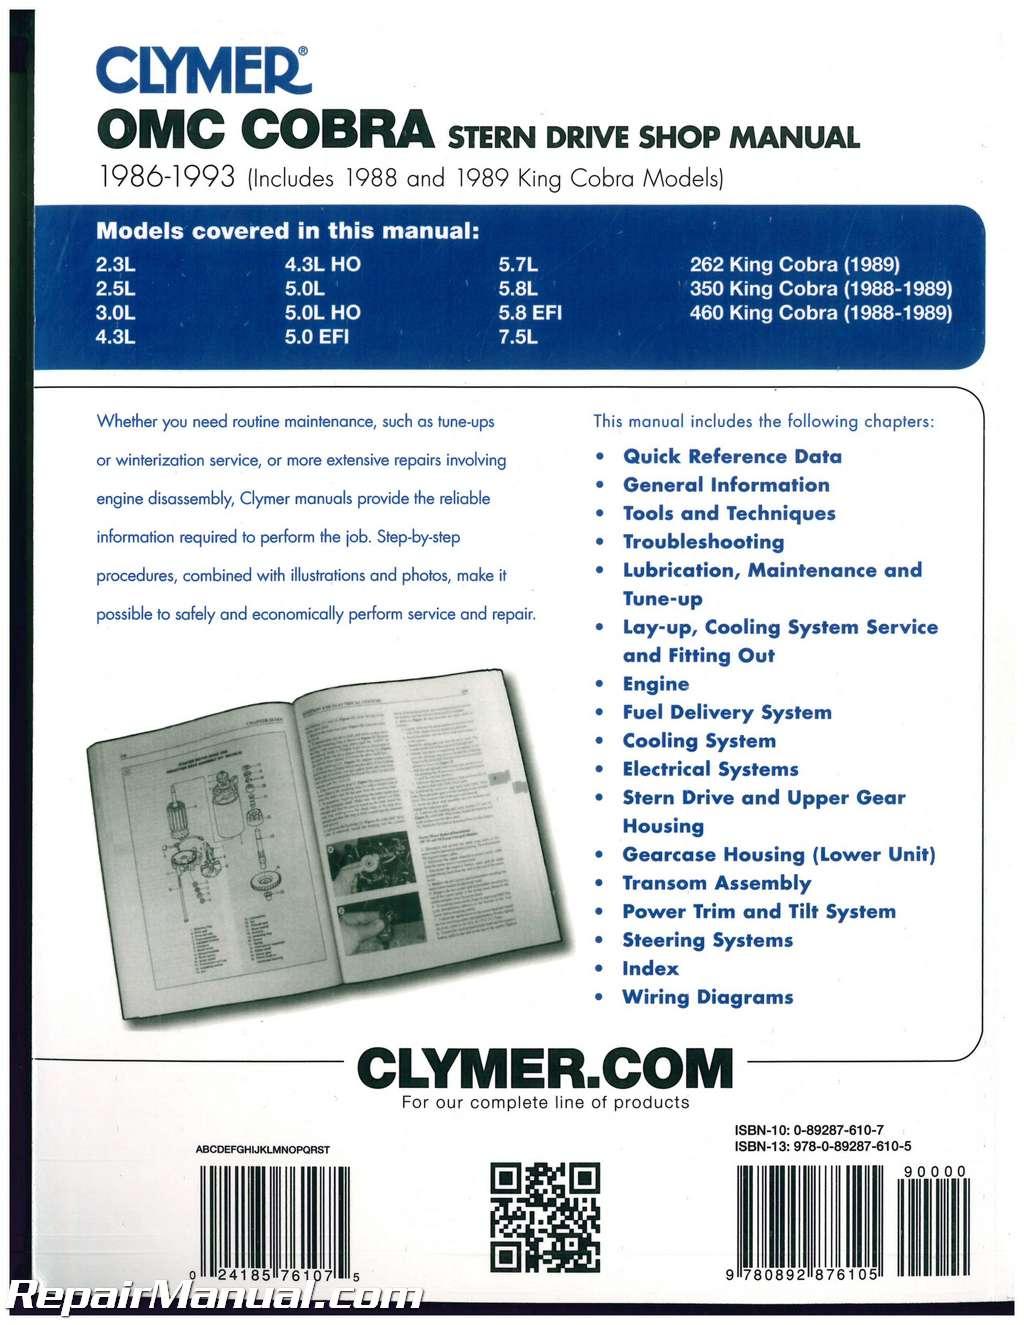 omc service manuals